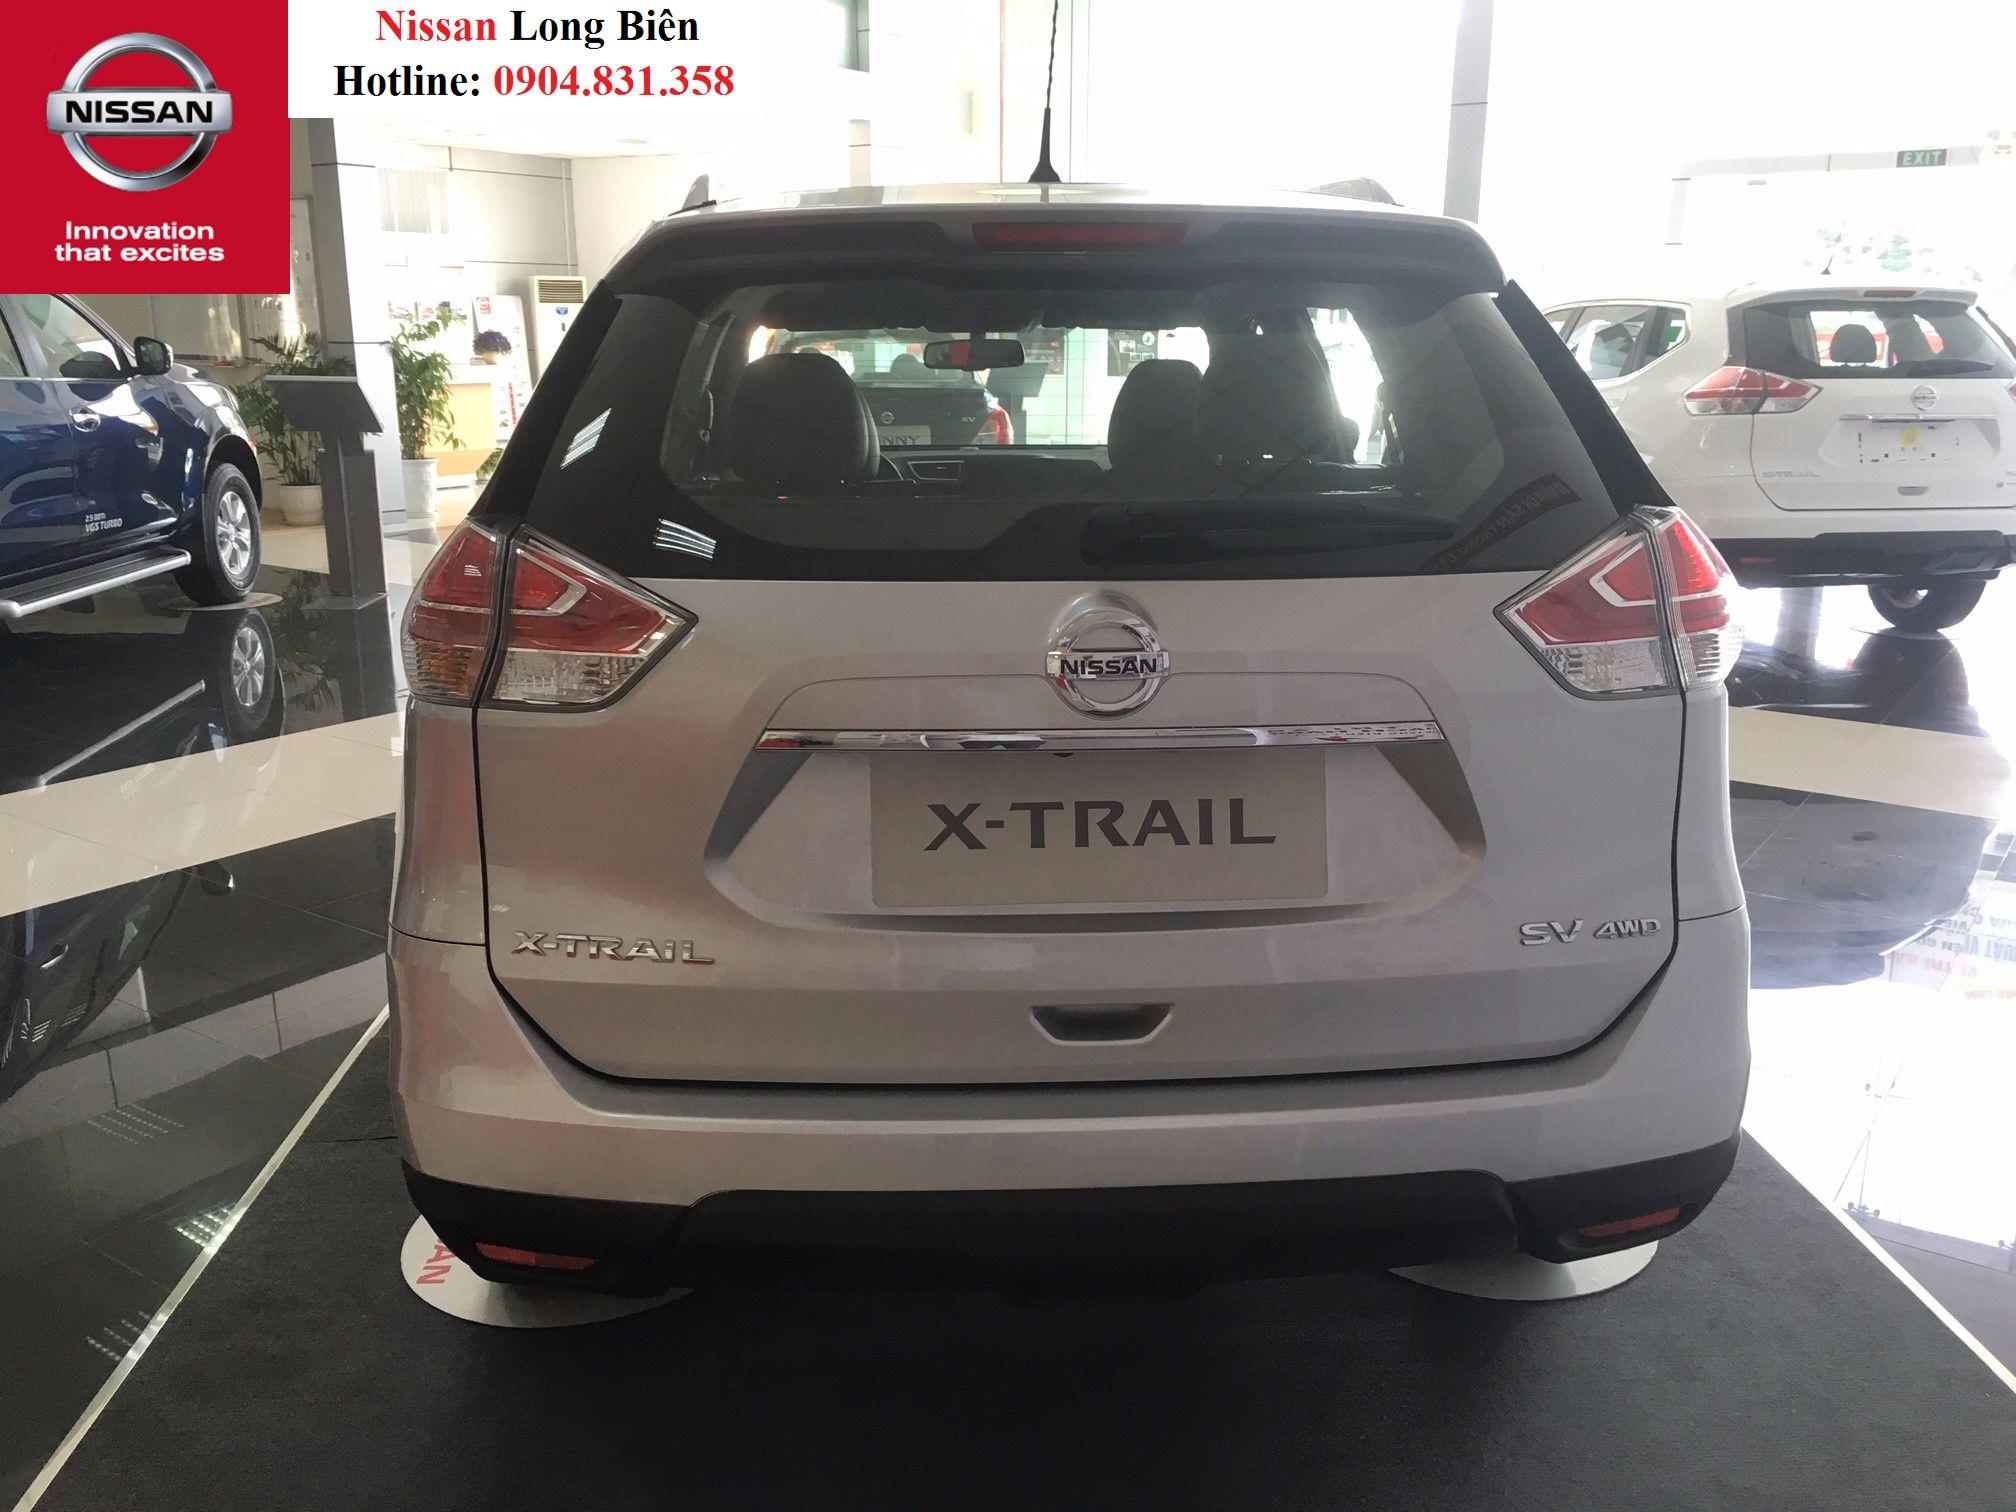 Phần đuôi xe của Nissan X-trail 2.5SV